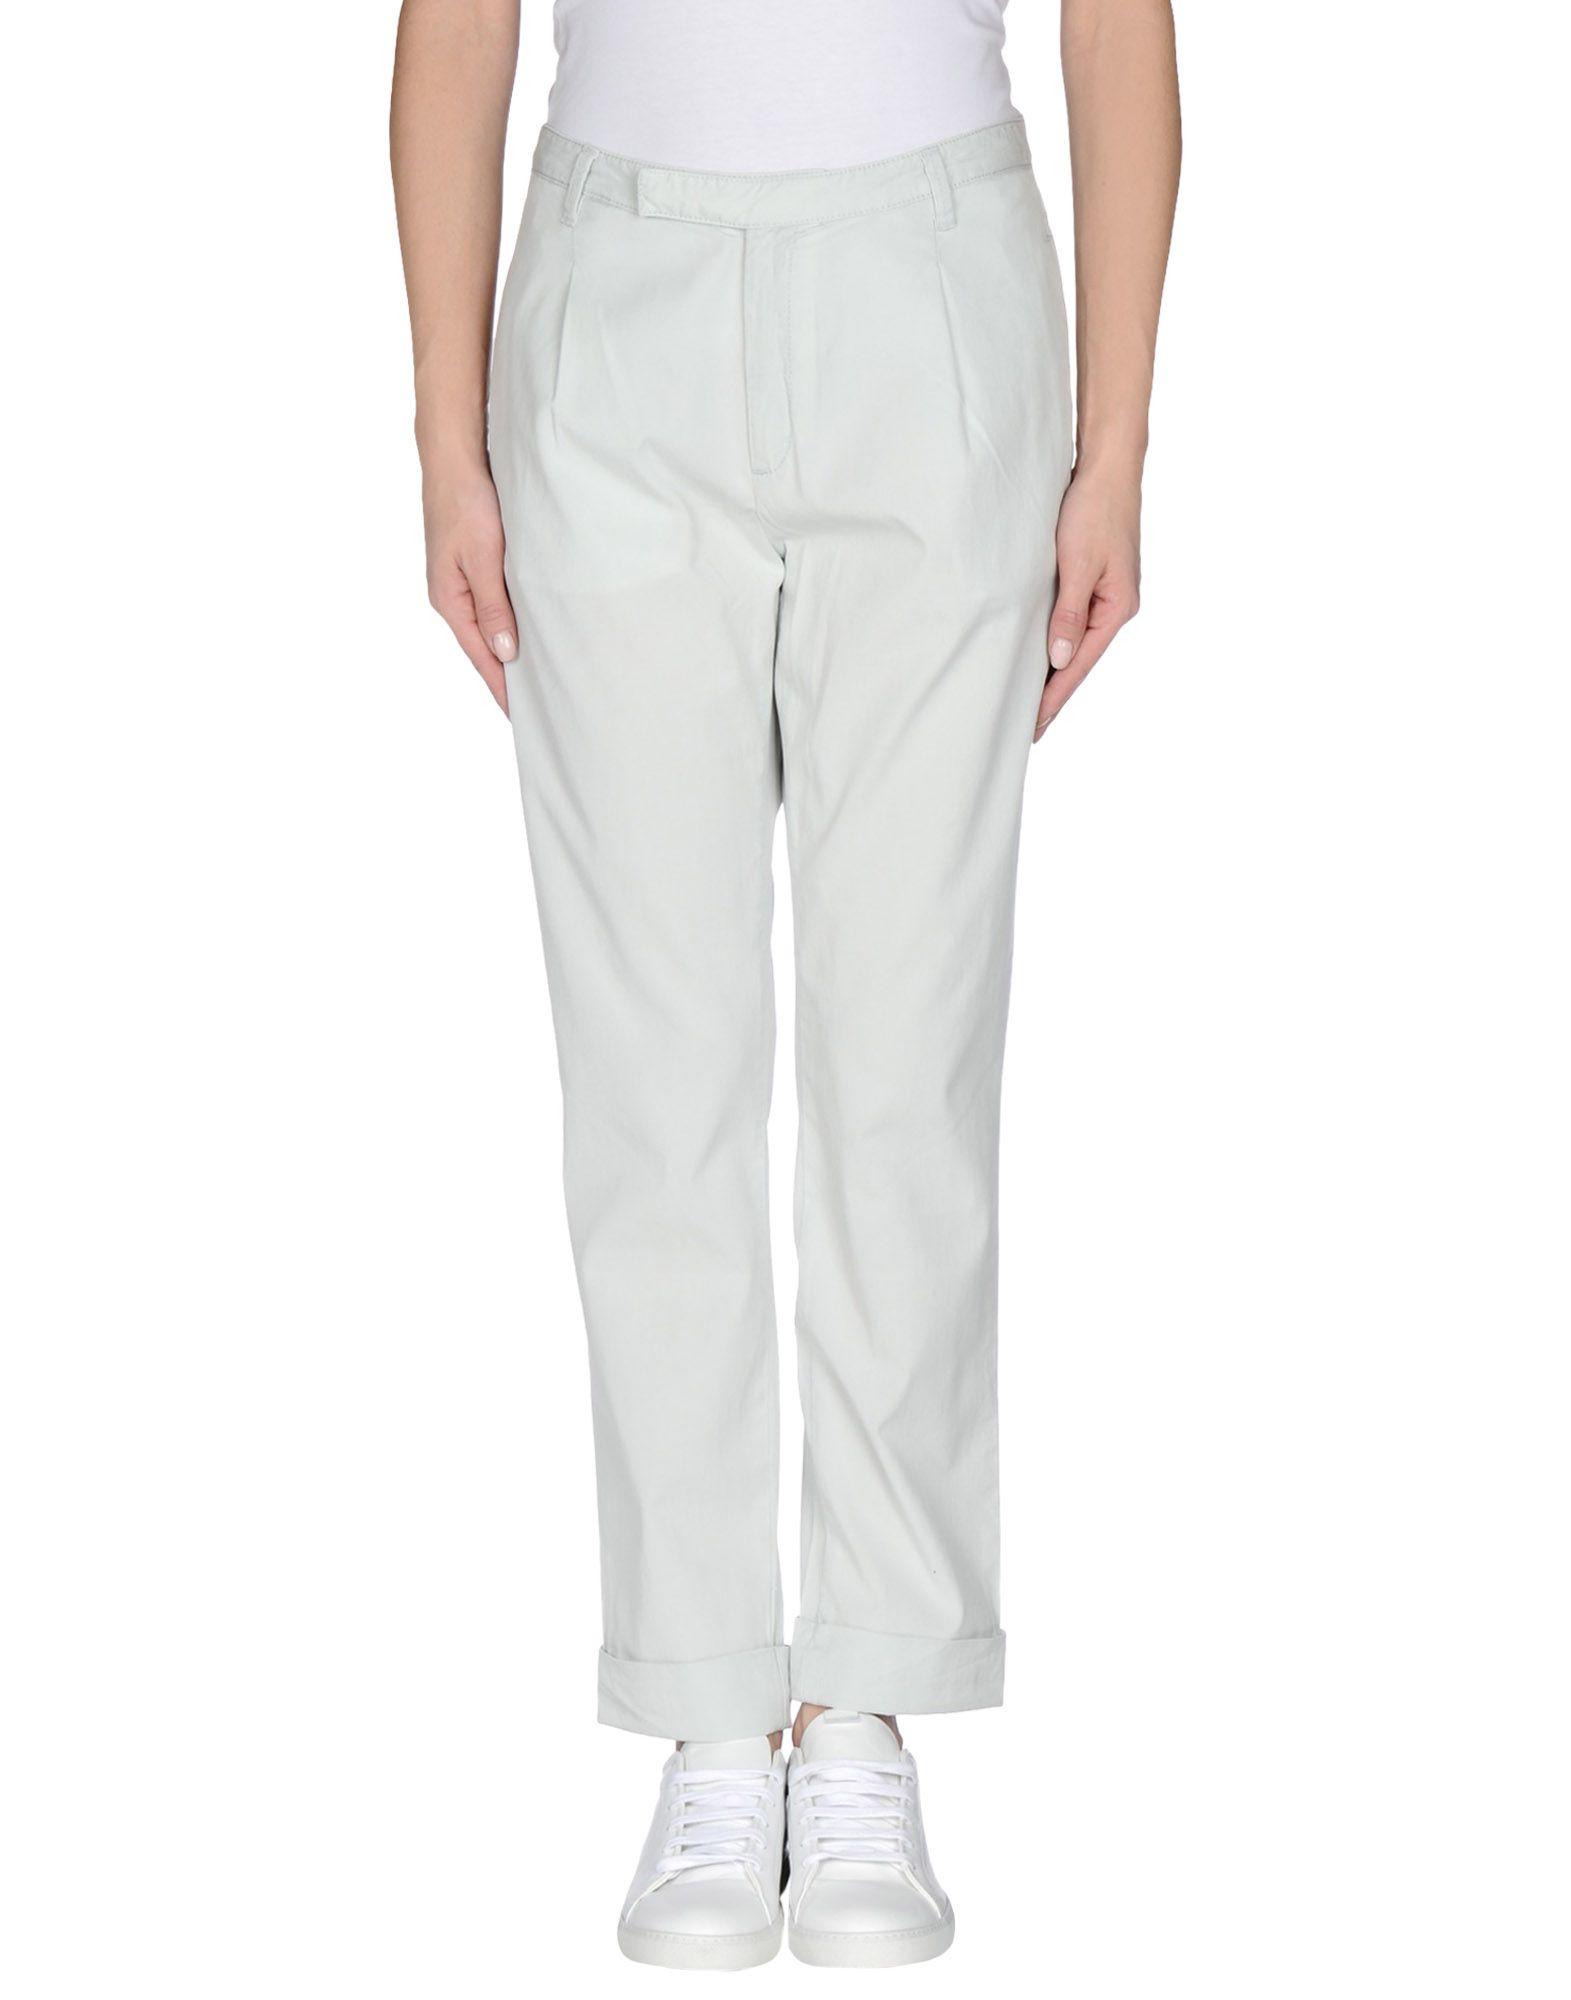 AIGUILLE NOIRE by PEUTEREY Повседневные брюки ele noire повседневные брюки